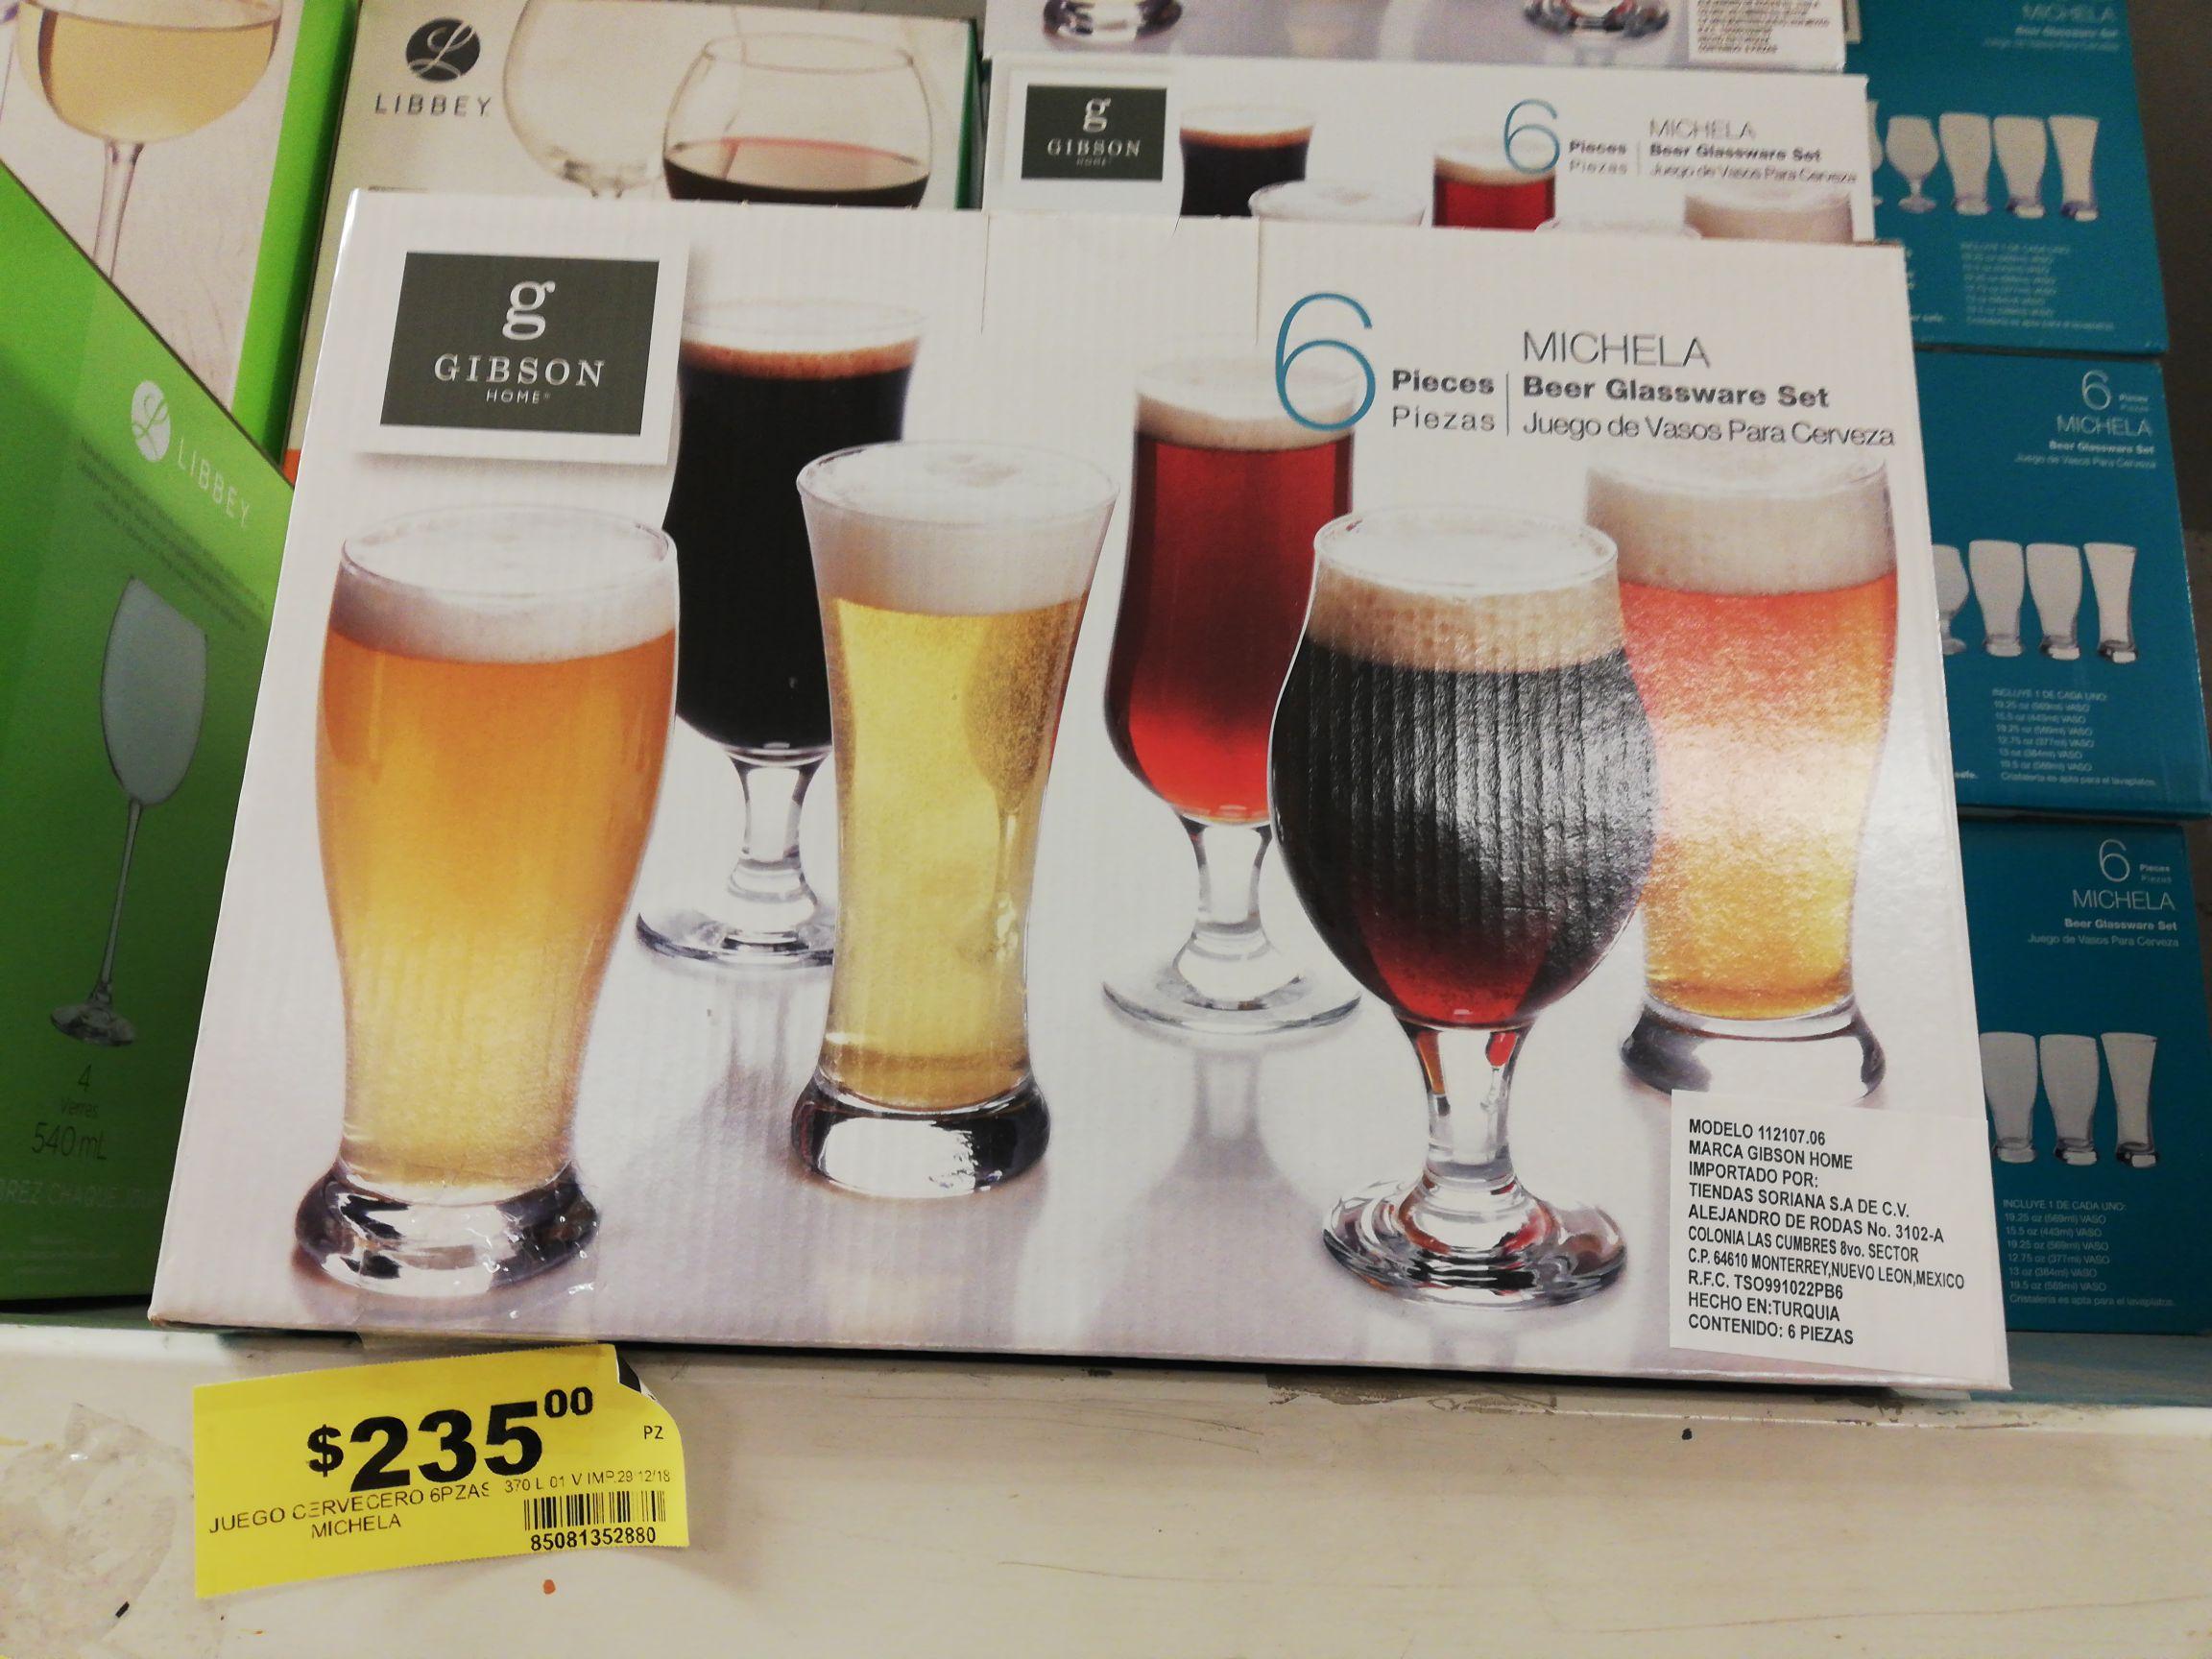 Soriana: 2x1 en artículos para el hogar Gibson (Vasos para cerveza en $117 con la promoción)